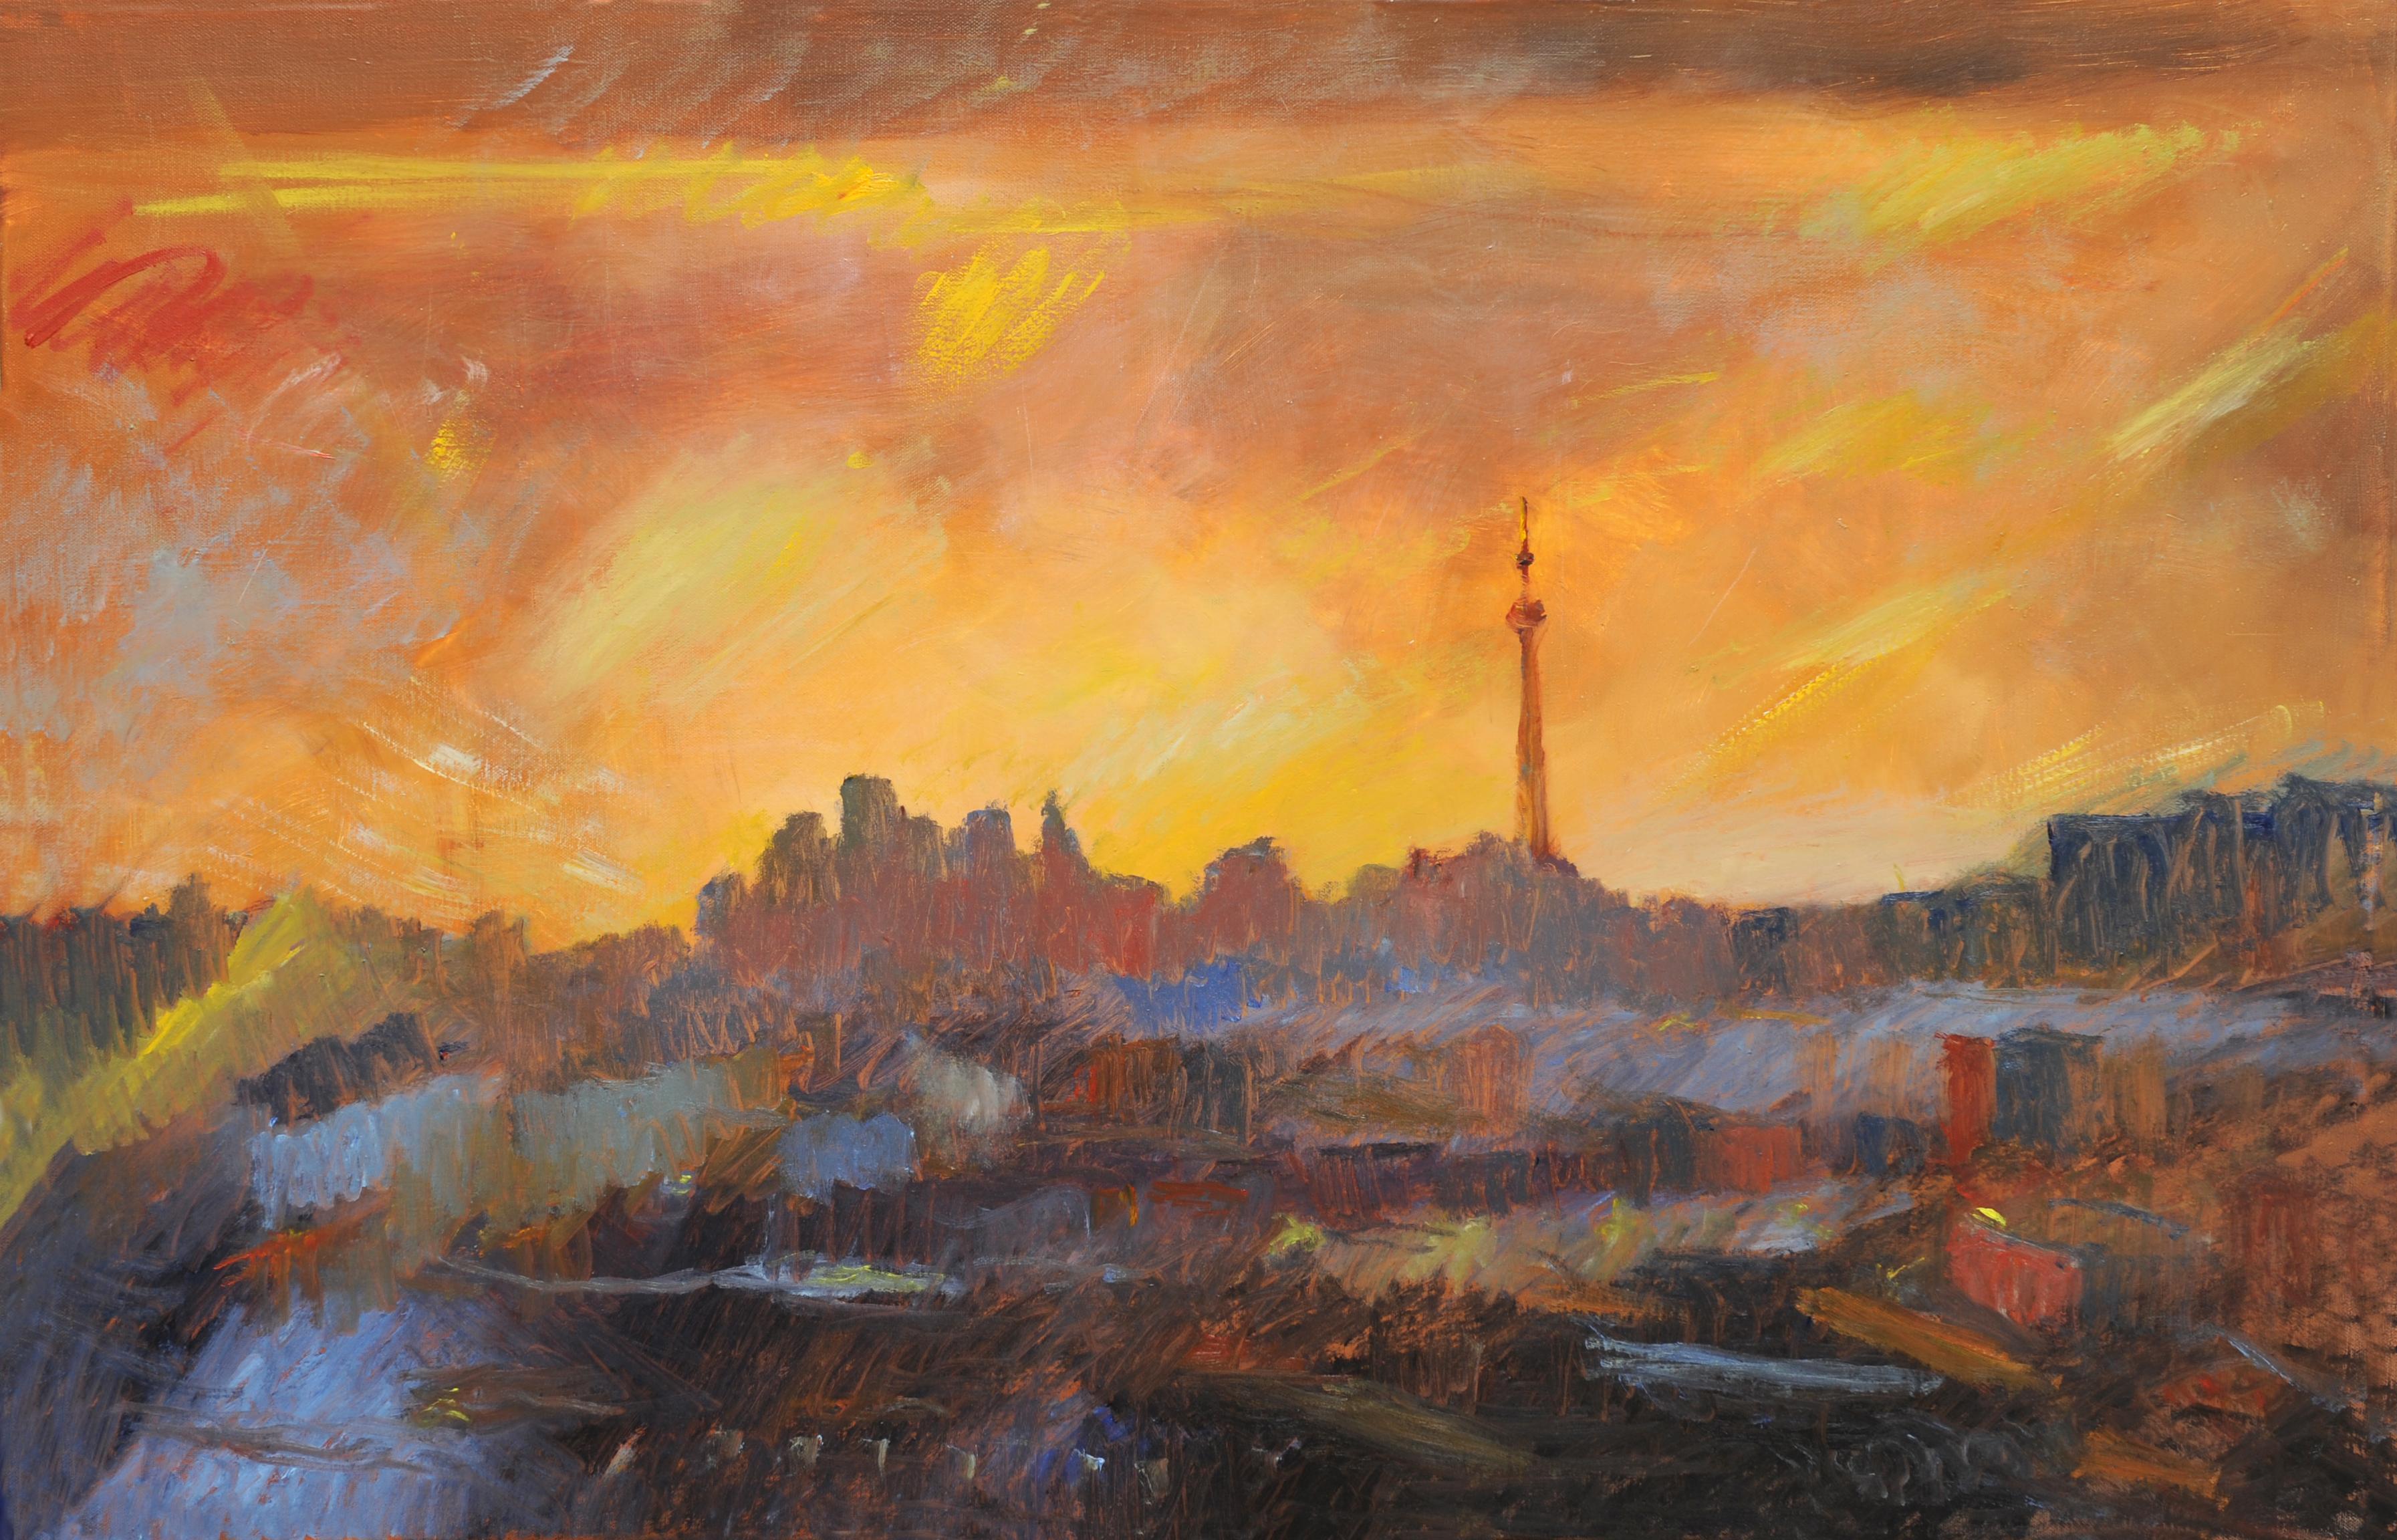 Original Landscape Oil Paintings for Sale